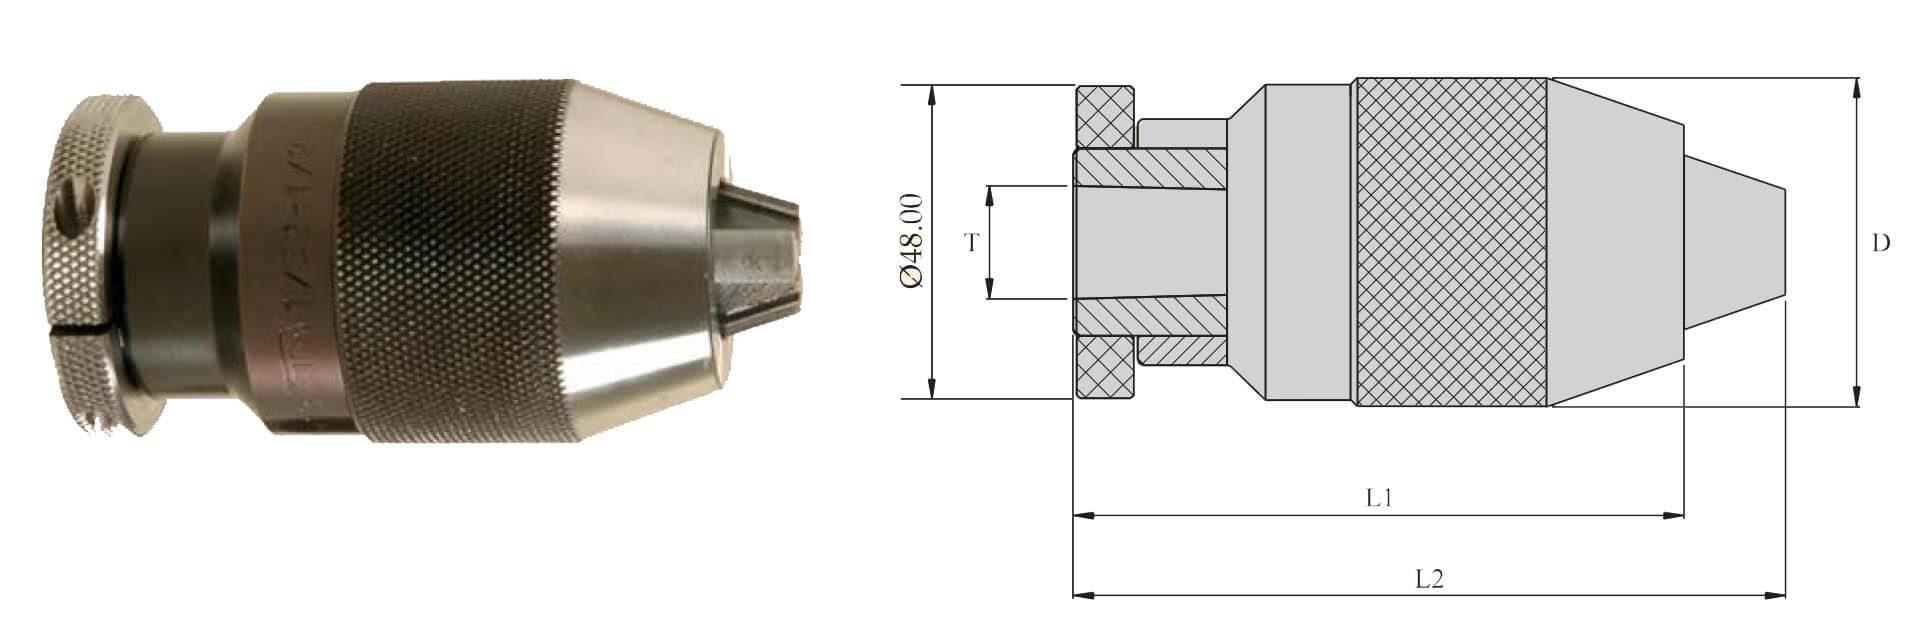 DDC065 B 12 Drill Chuck